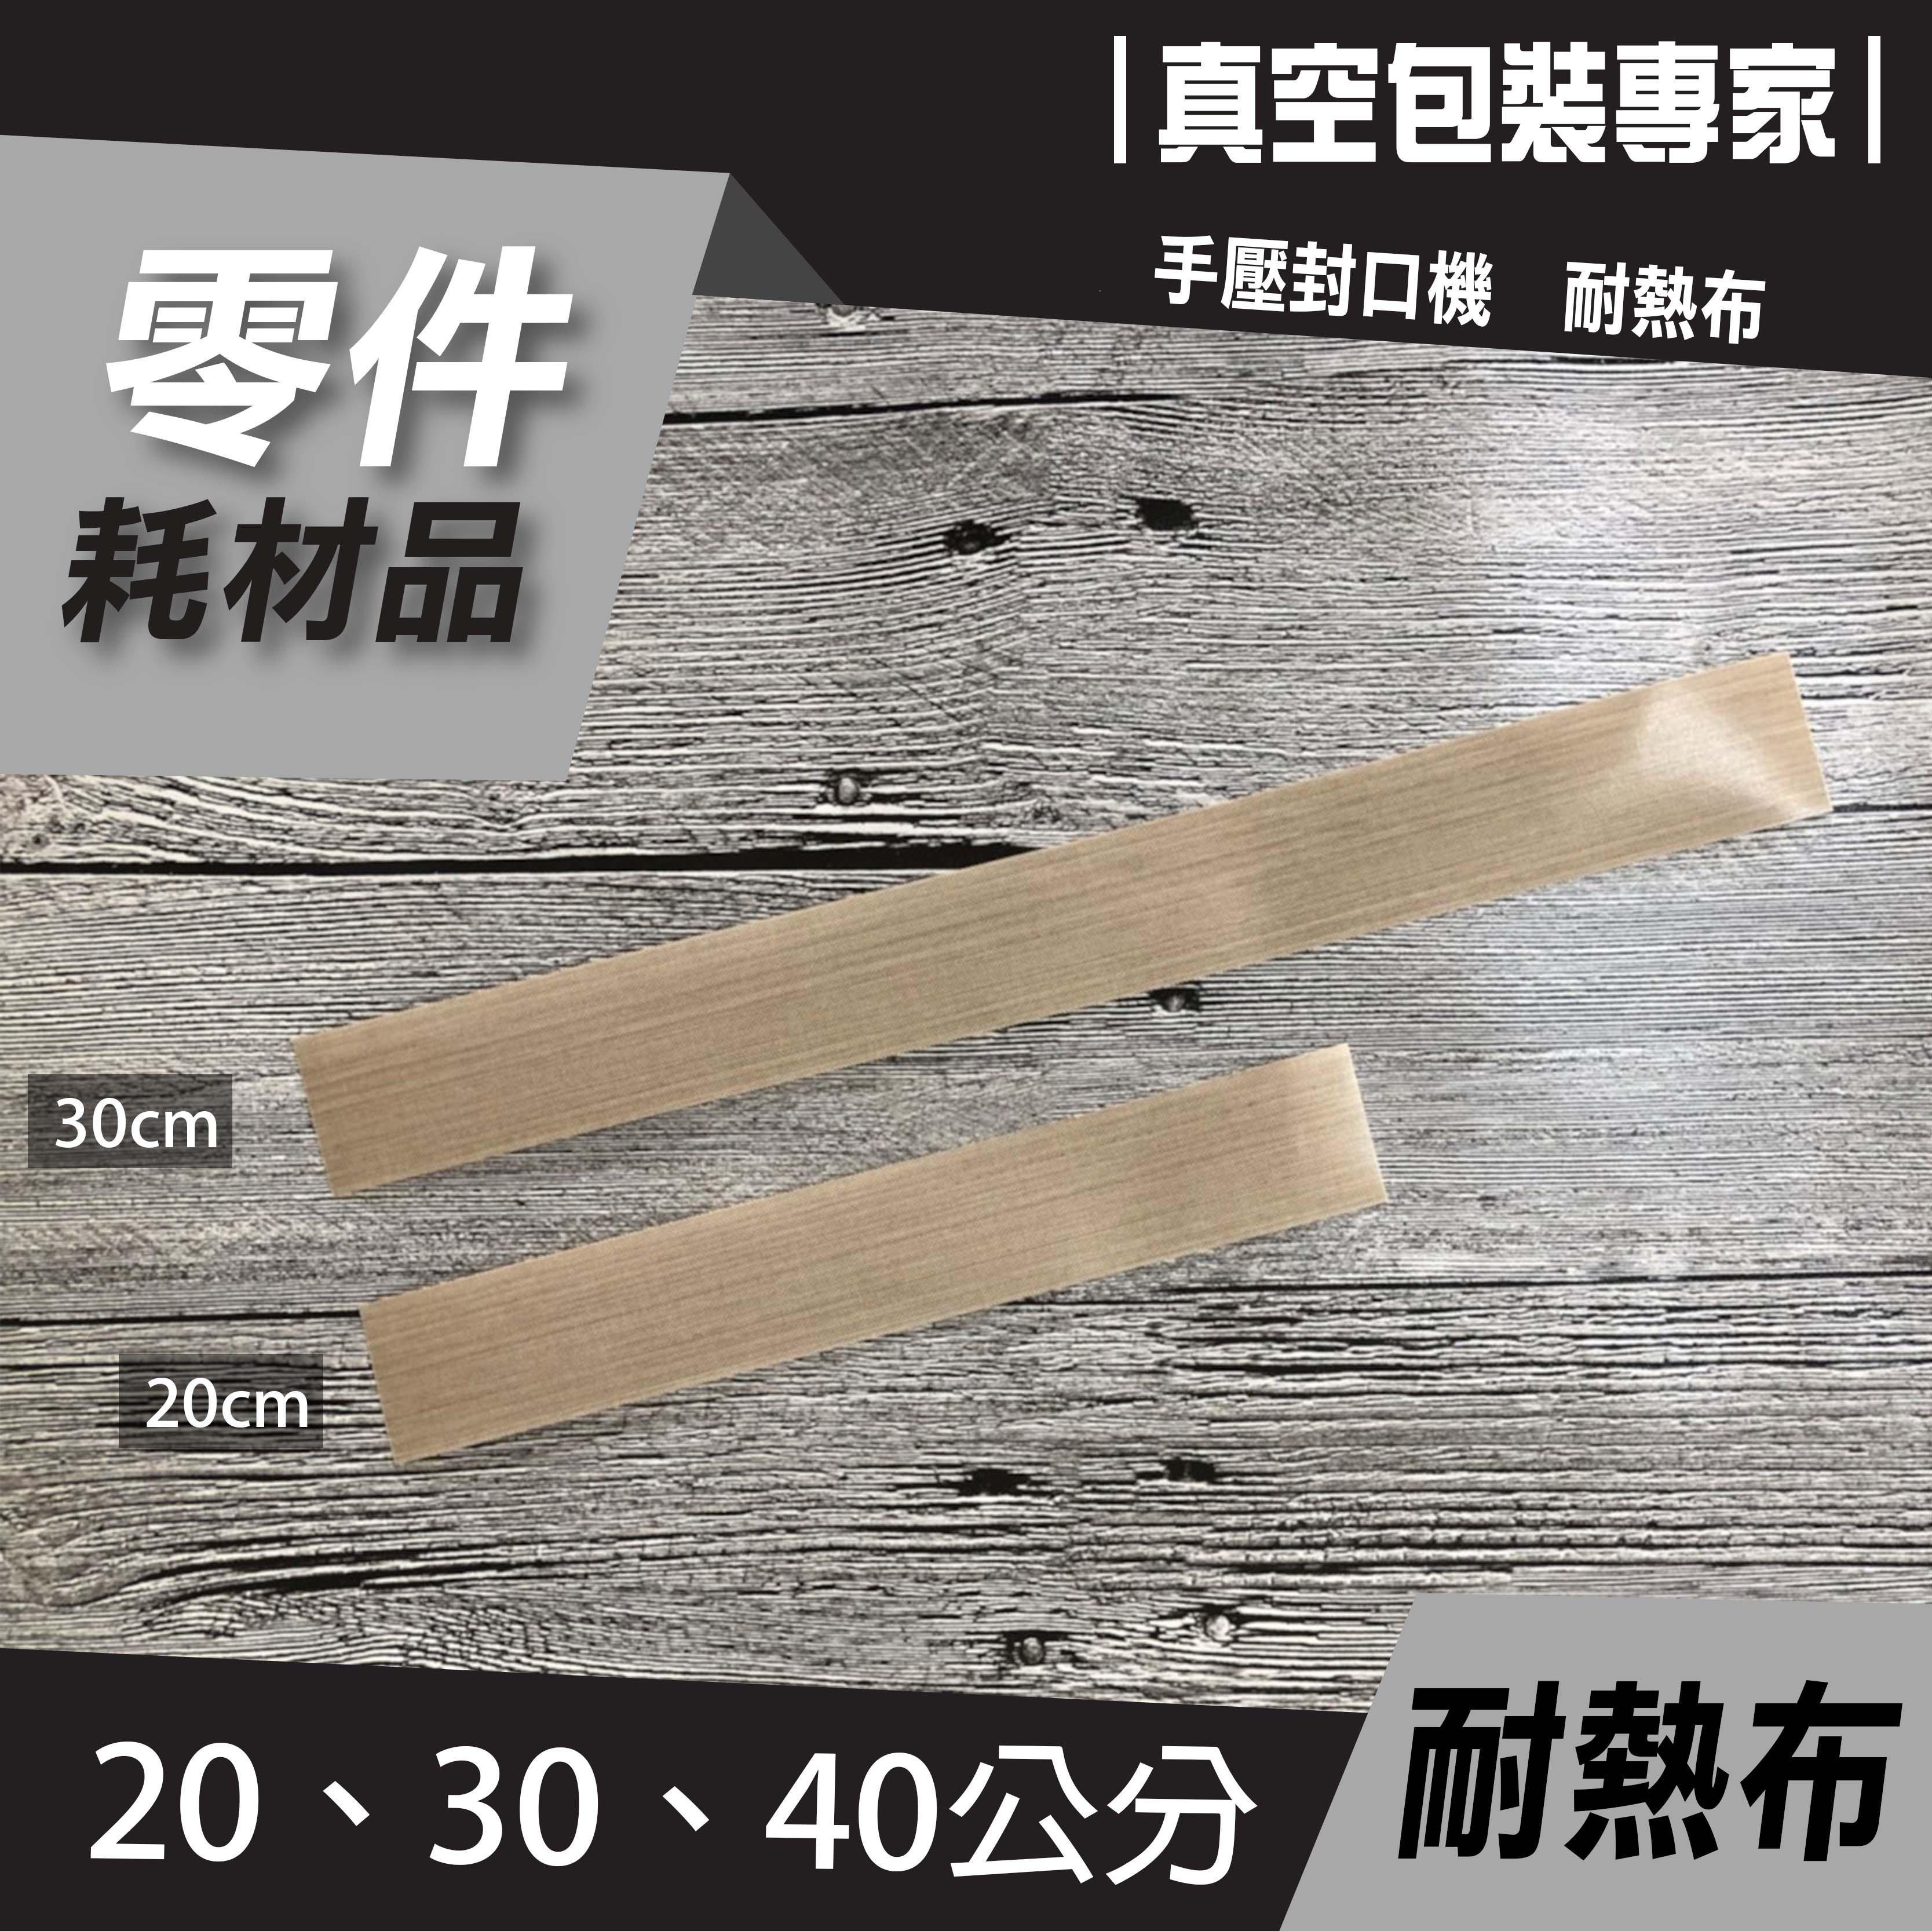 20公分手壓封口機 零件 隔熱布 5條1組 美國 耐用 客製化 耐熱布 鐵氟龍布